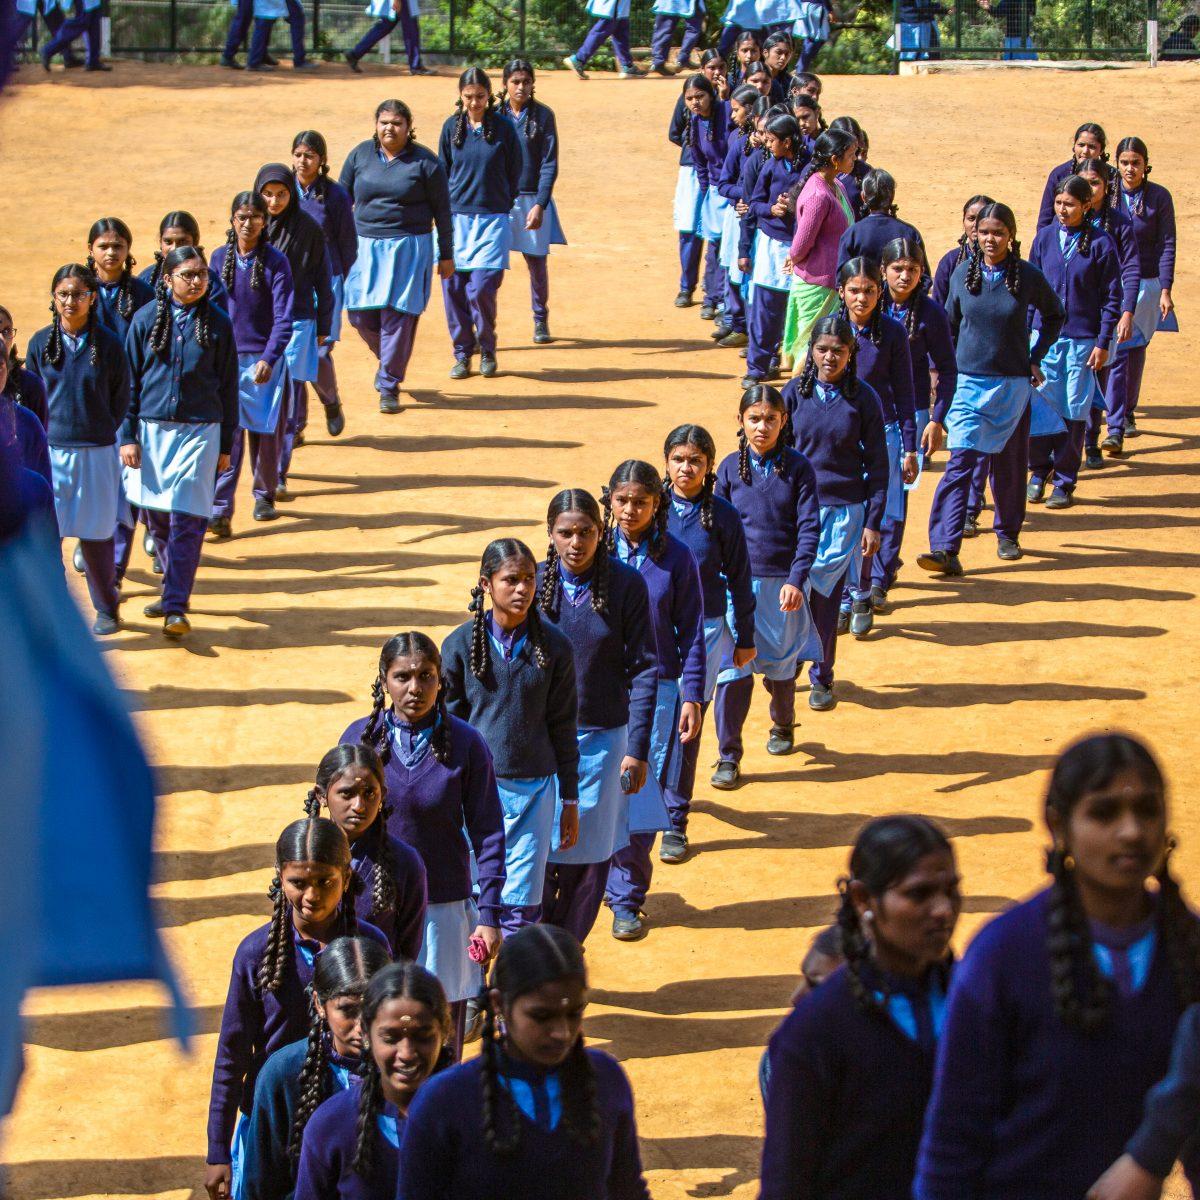 Réunion d'élèves à l'Ecole Sivasailam